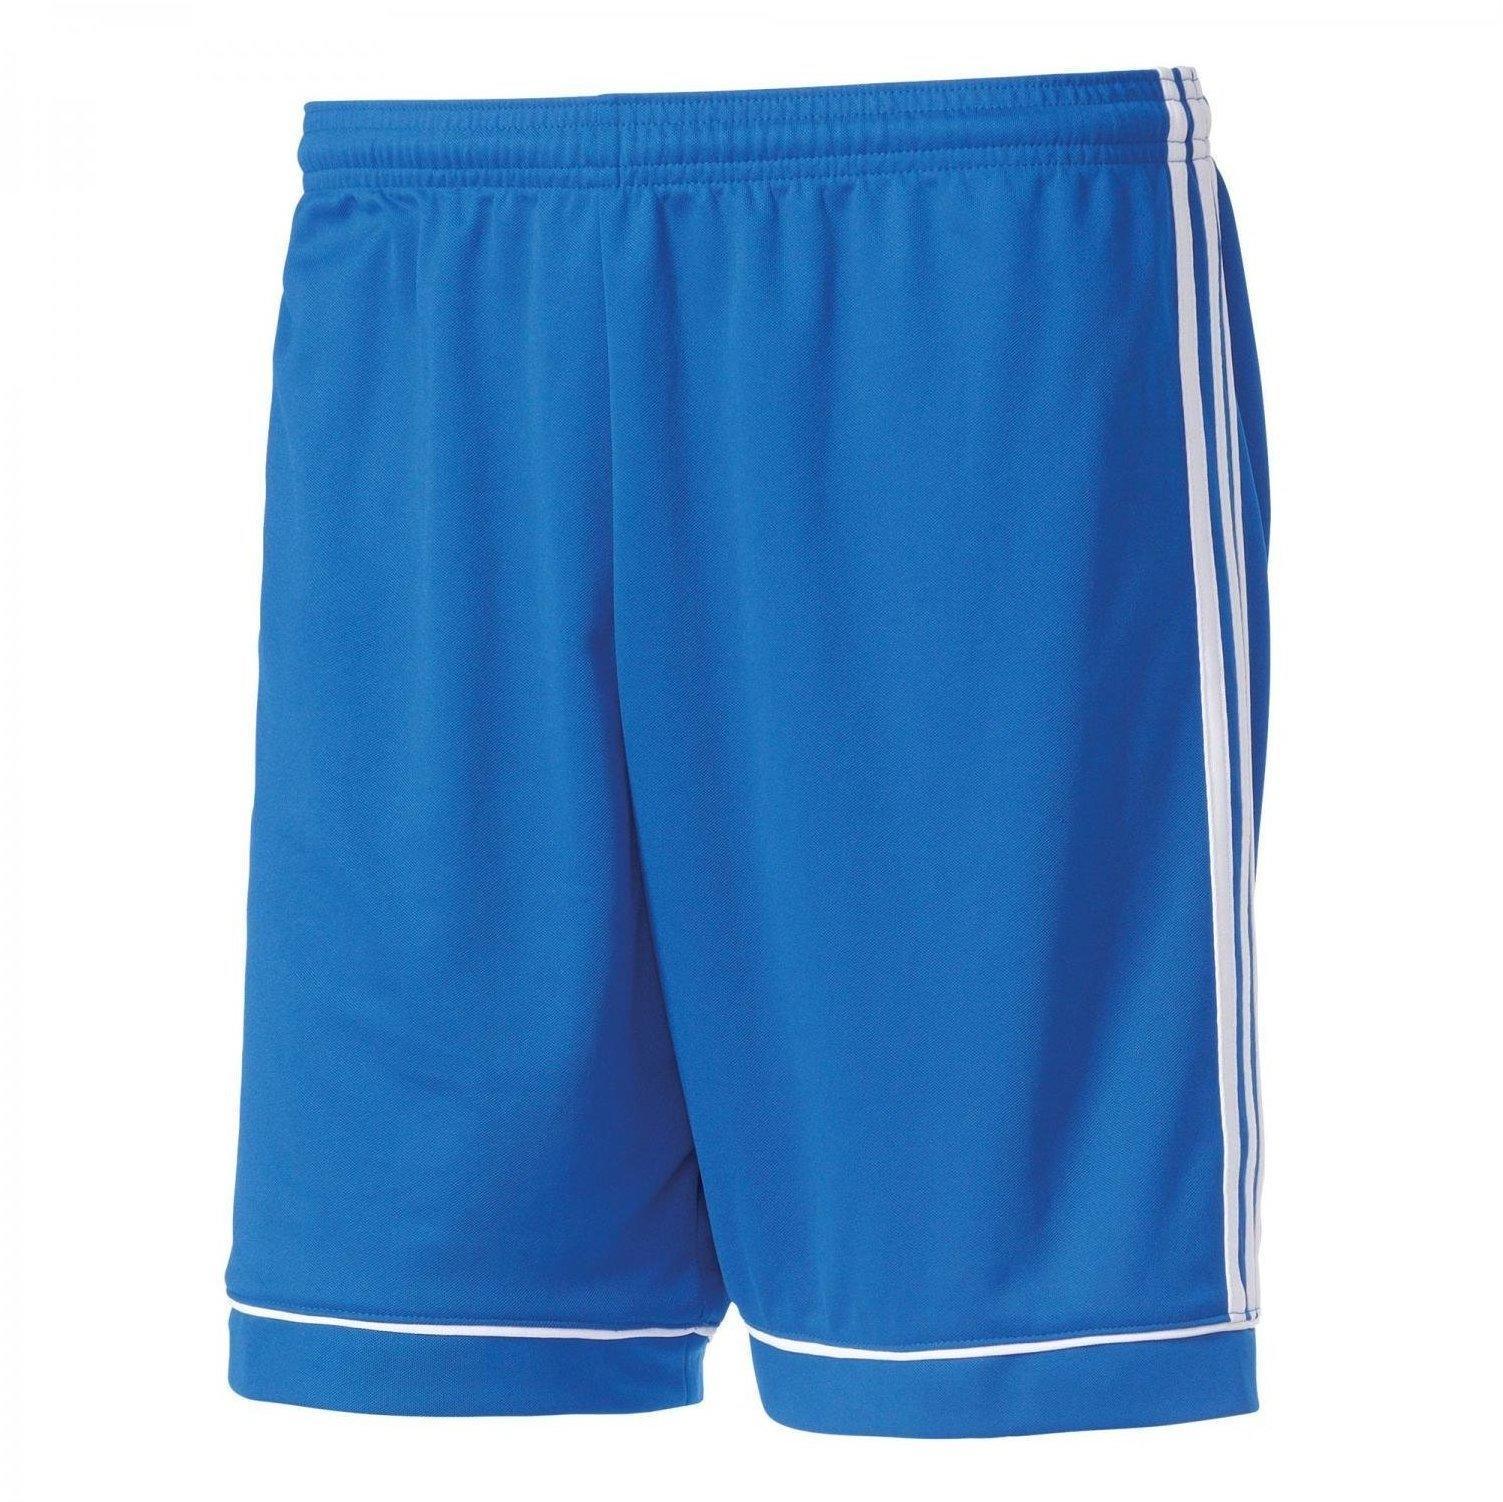 Adidas Squadra 17 Shorts Kinder blau ab 9,98 ? günstig im